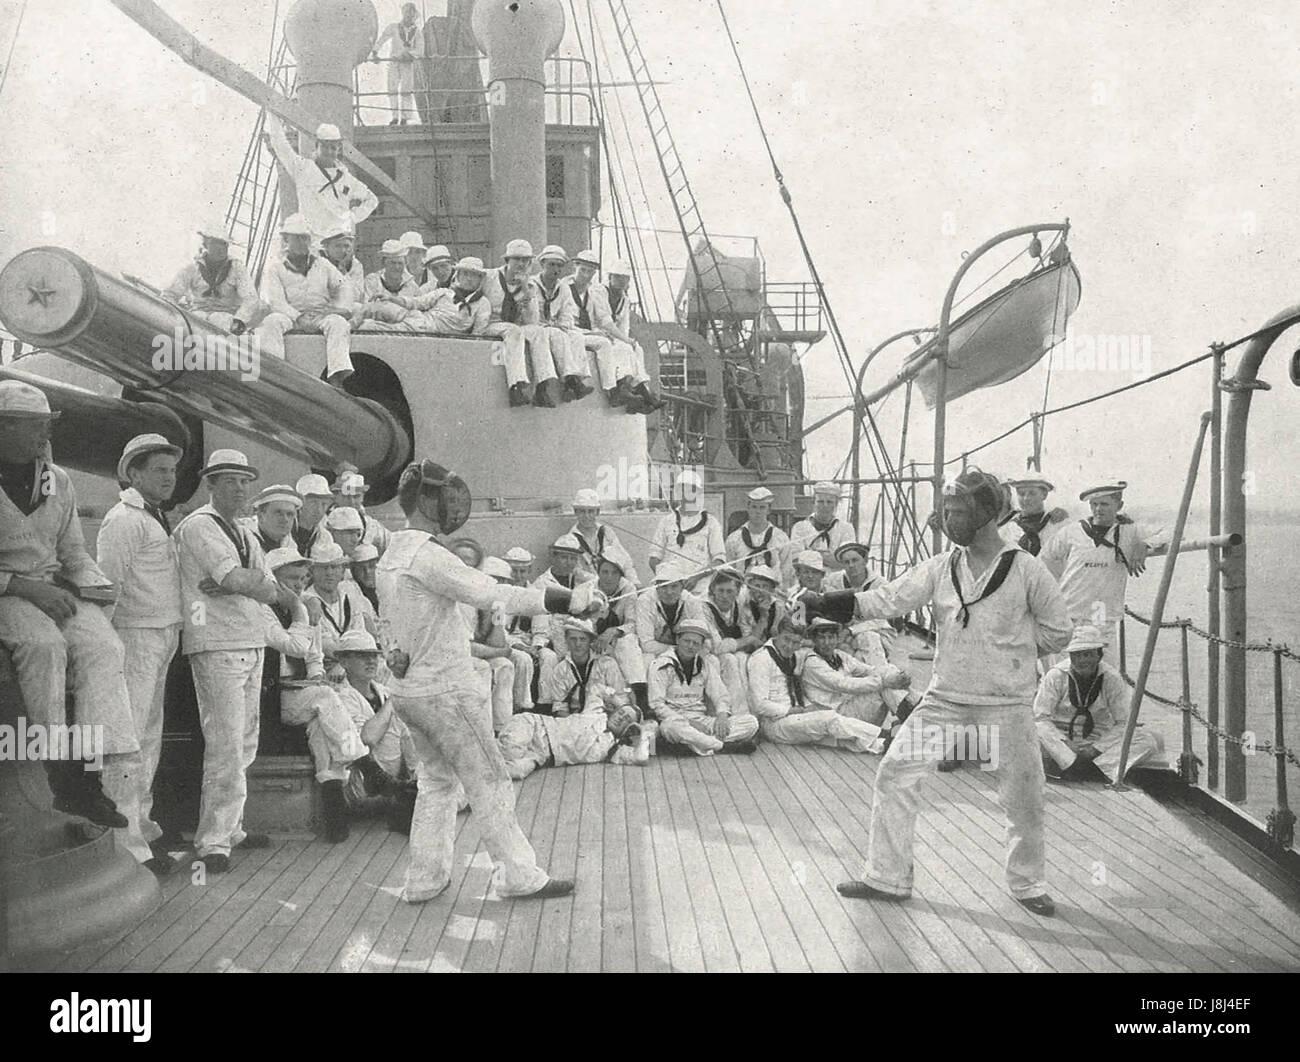 Viendo un combate de esgrima a bordo de un buque de guerra estadounidense, circa 1915 Imagen De Stock